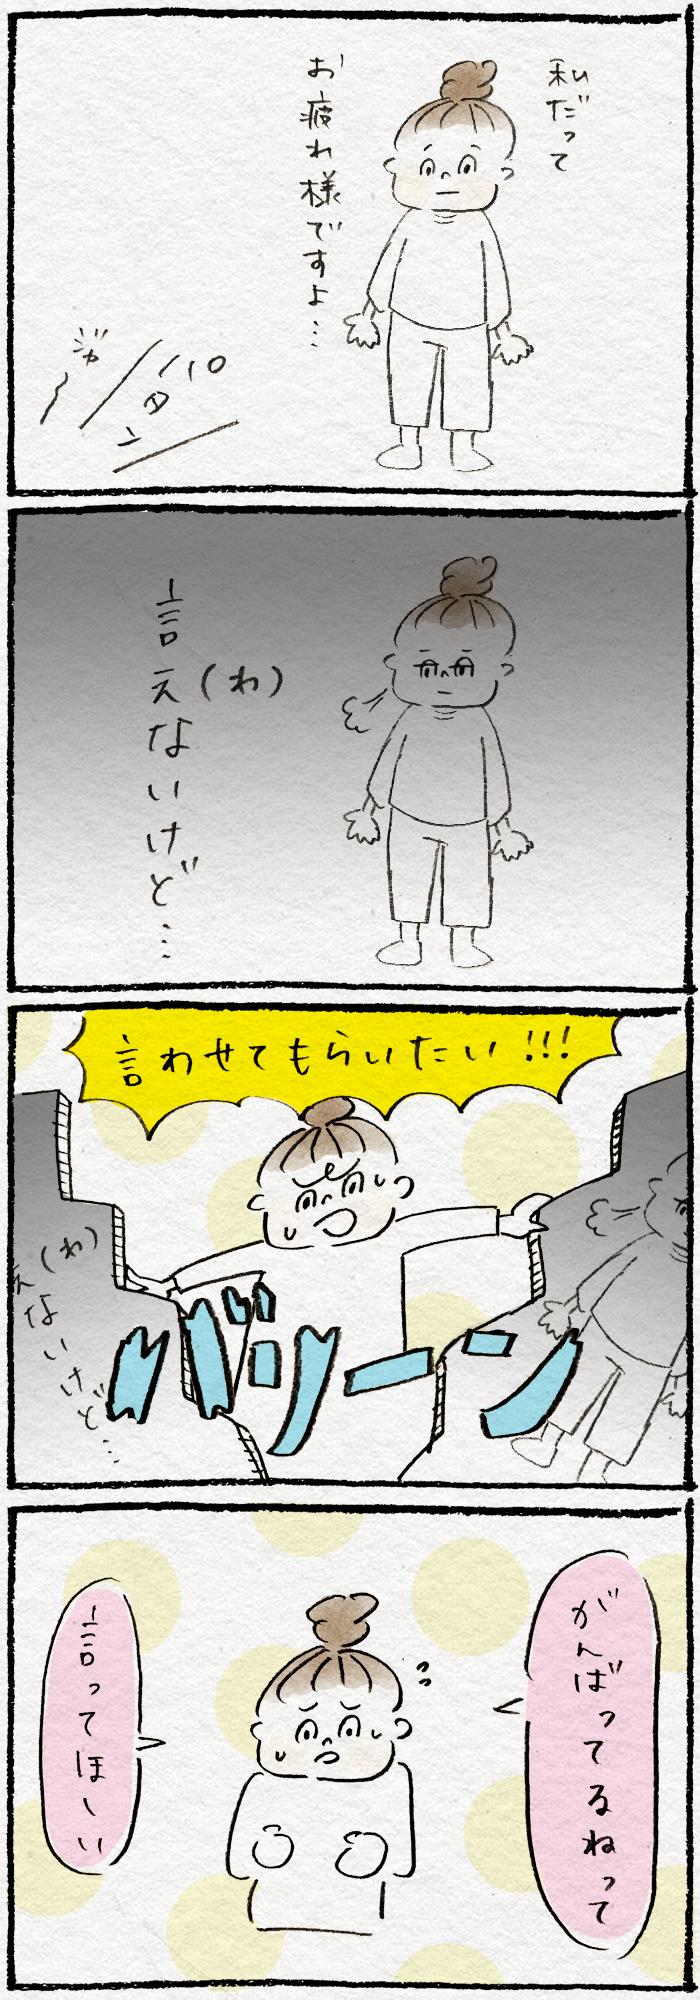 たまには褒めて~!たった500円で夫婦円満になれる「週末の提案」とは?の画像2